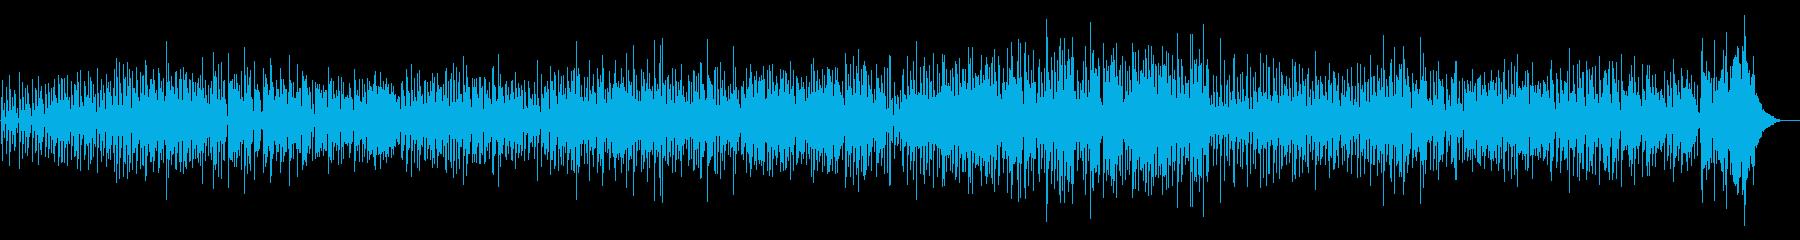 スウィンギングジャズのフィーリング...の再生済みの波形